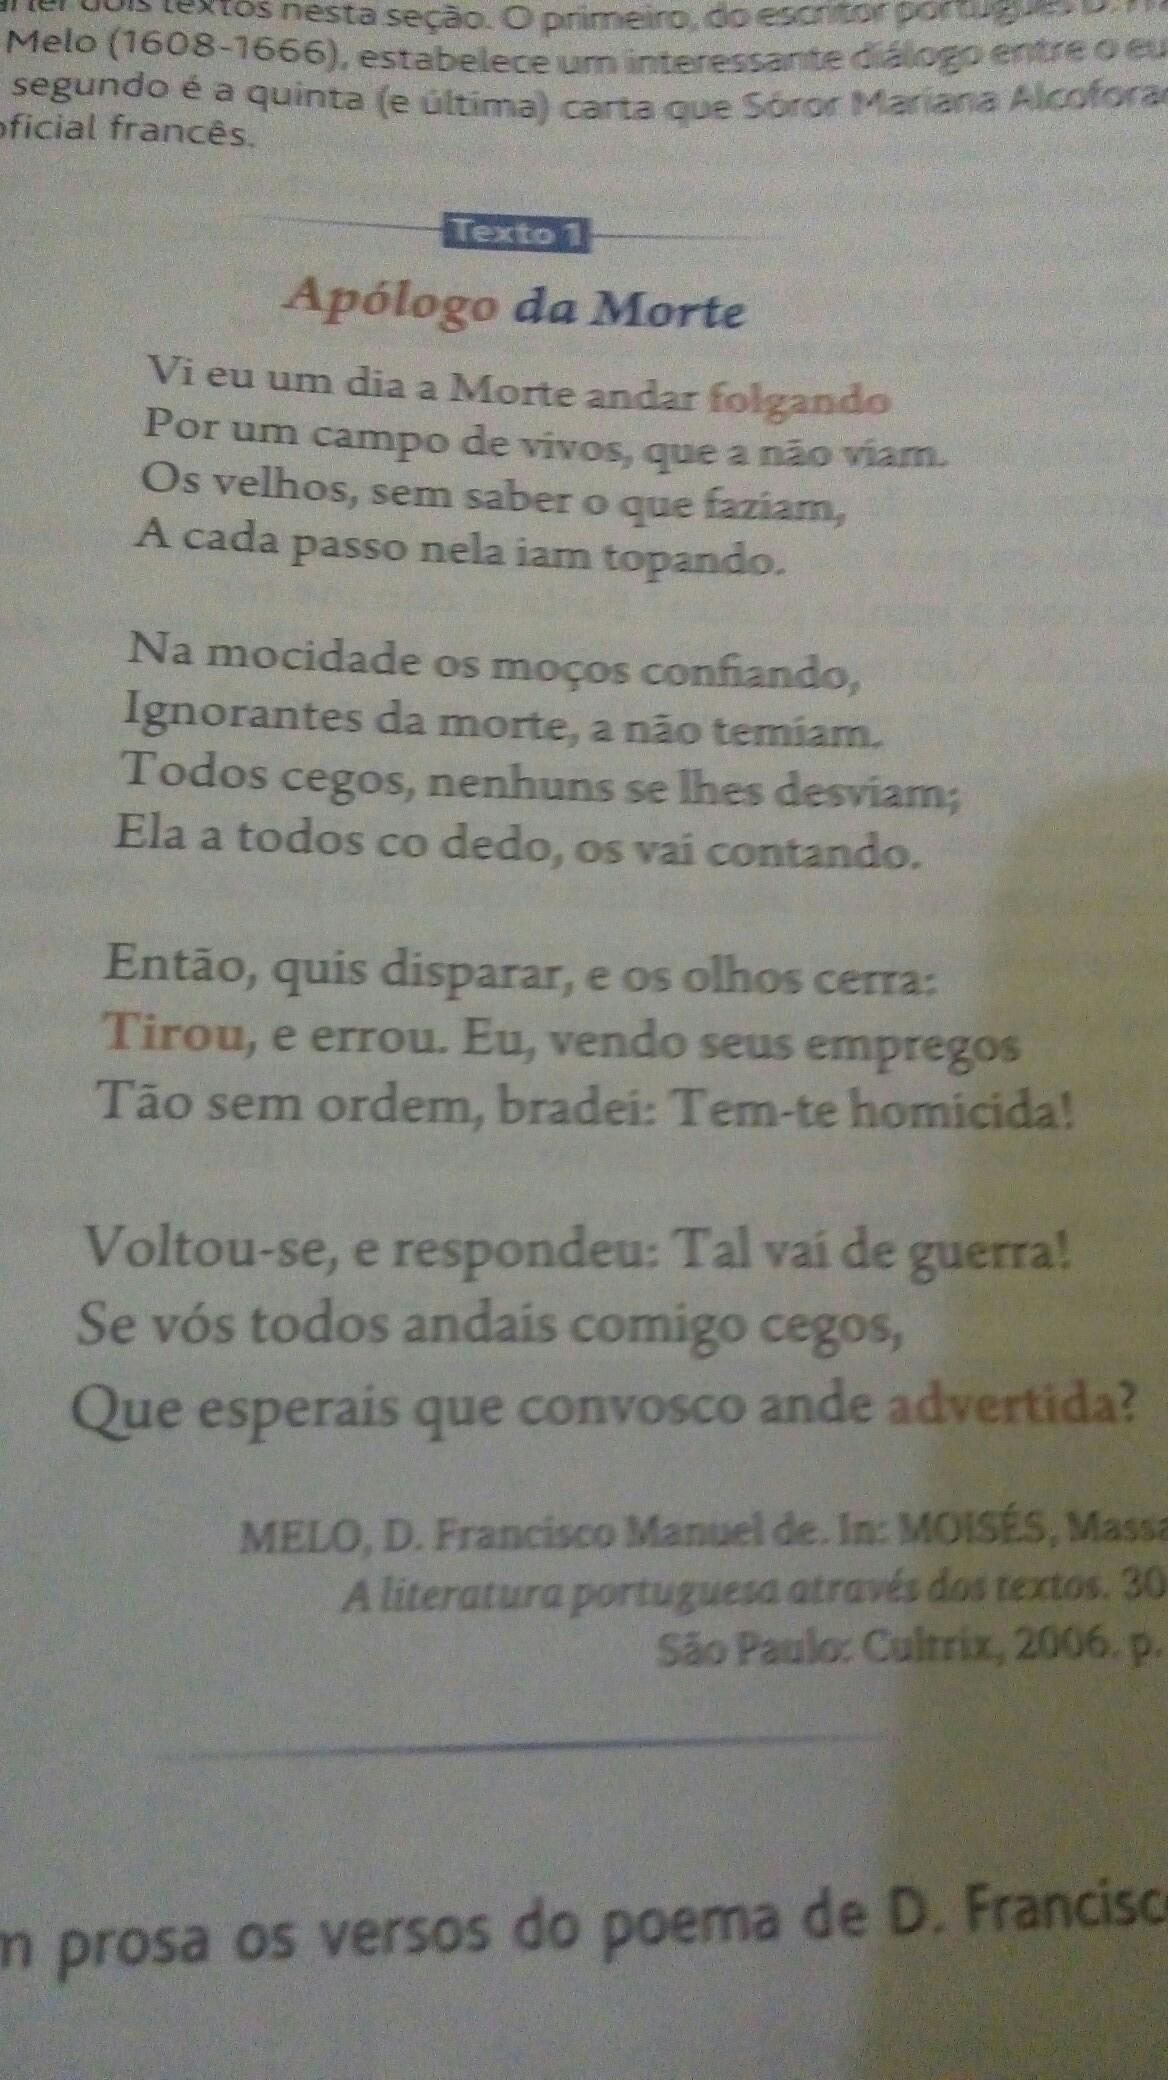 1 Transforme Em Prosa Os Versos Do Poema De Dfrancisco Manuel De